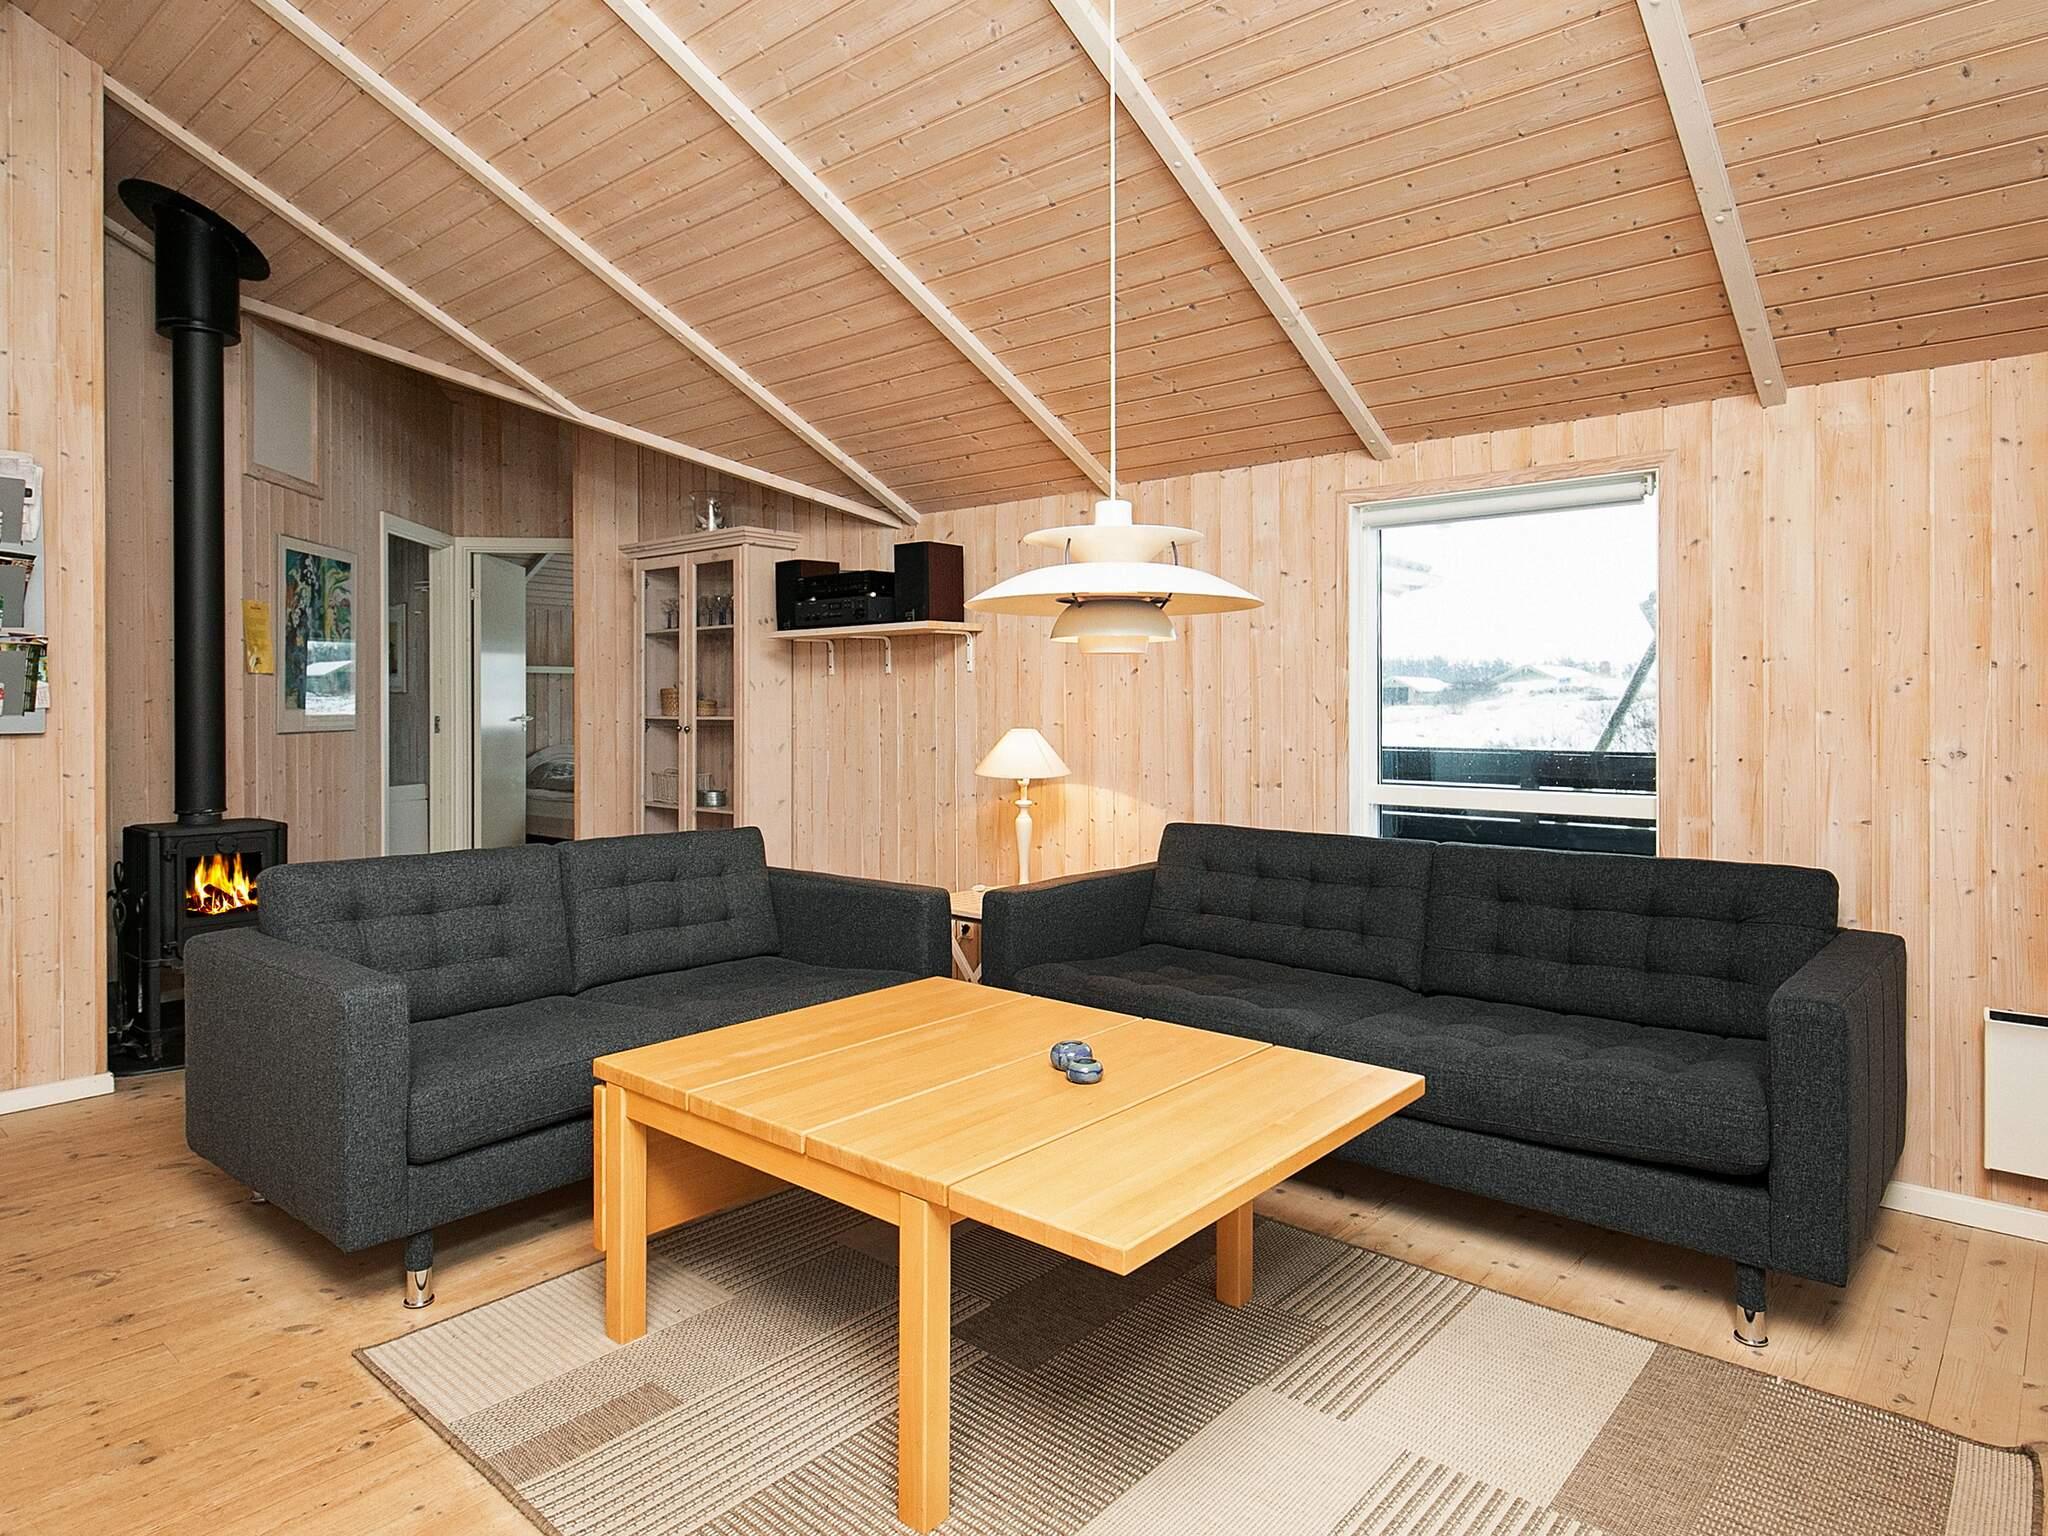 Ferienhaus Løkken (84530), Løkken, , Dänische Nordsee, Dänemark, Bild 2